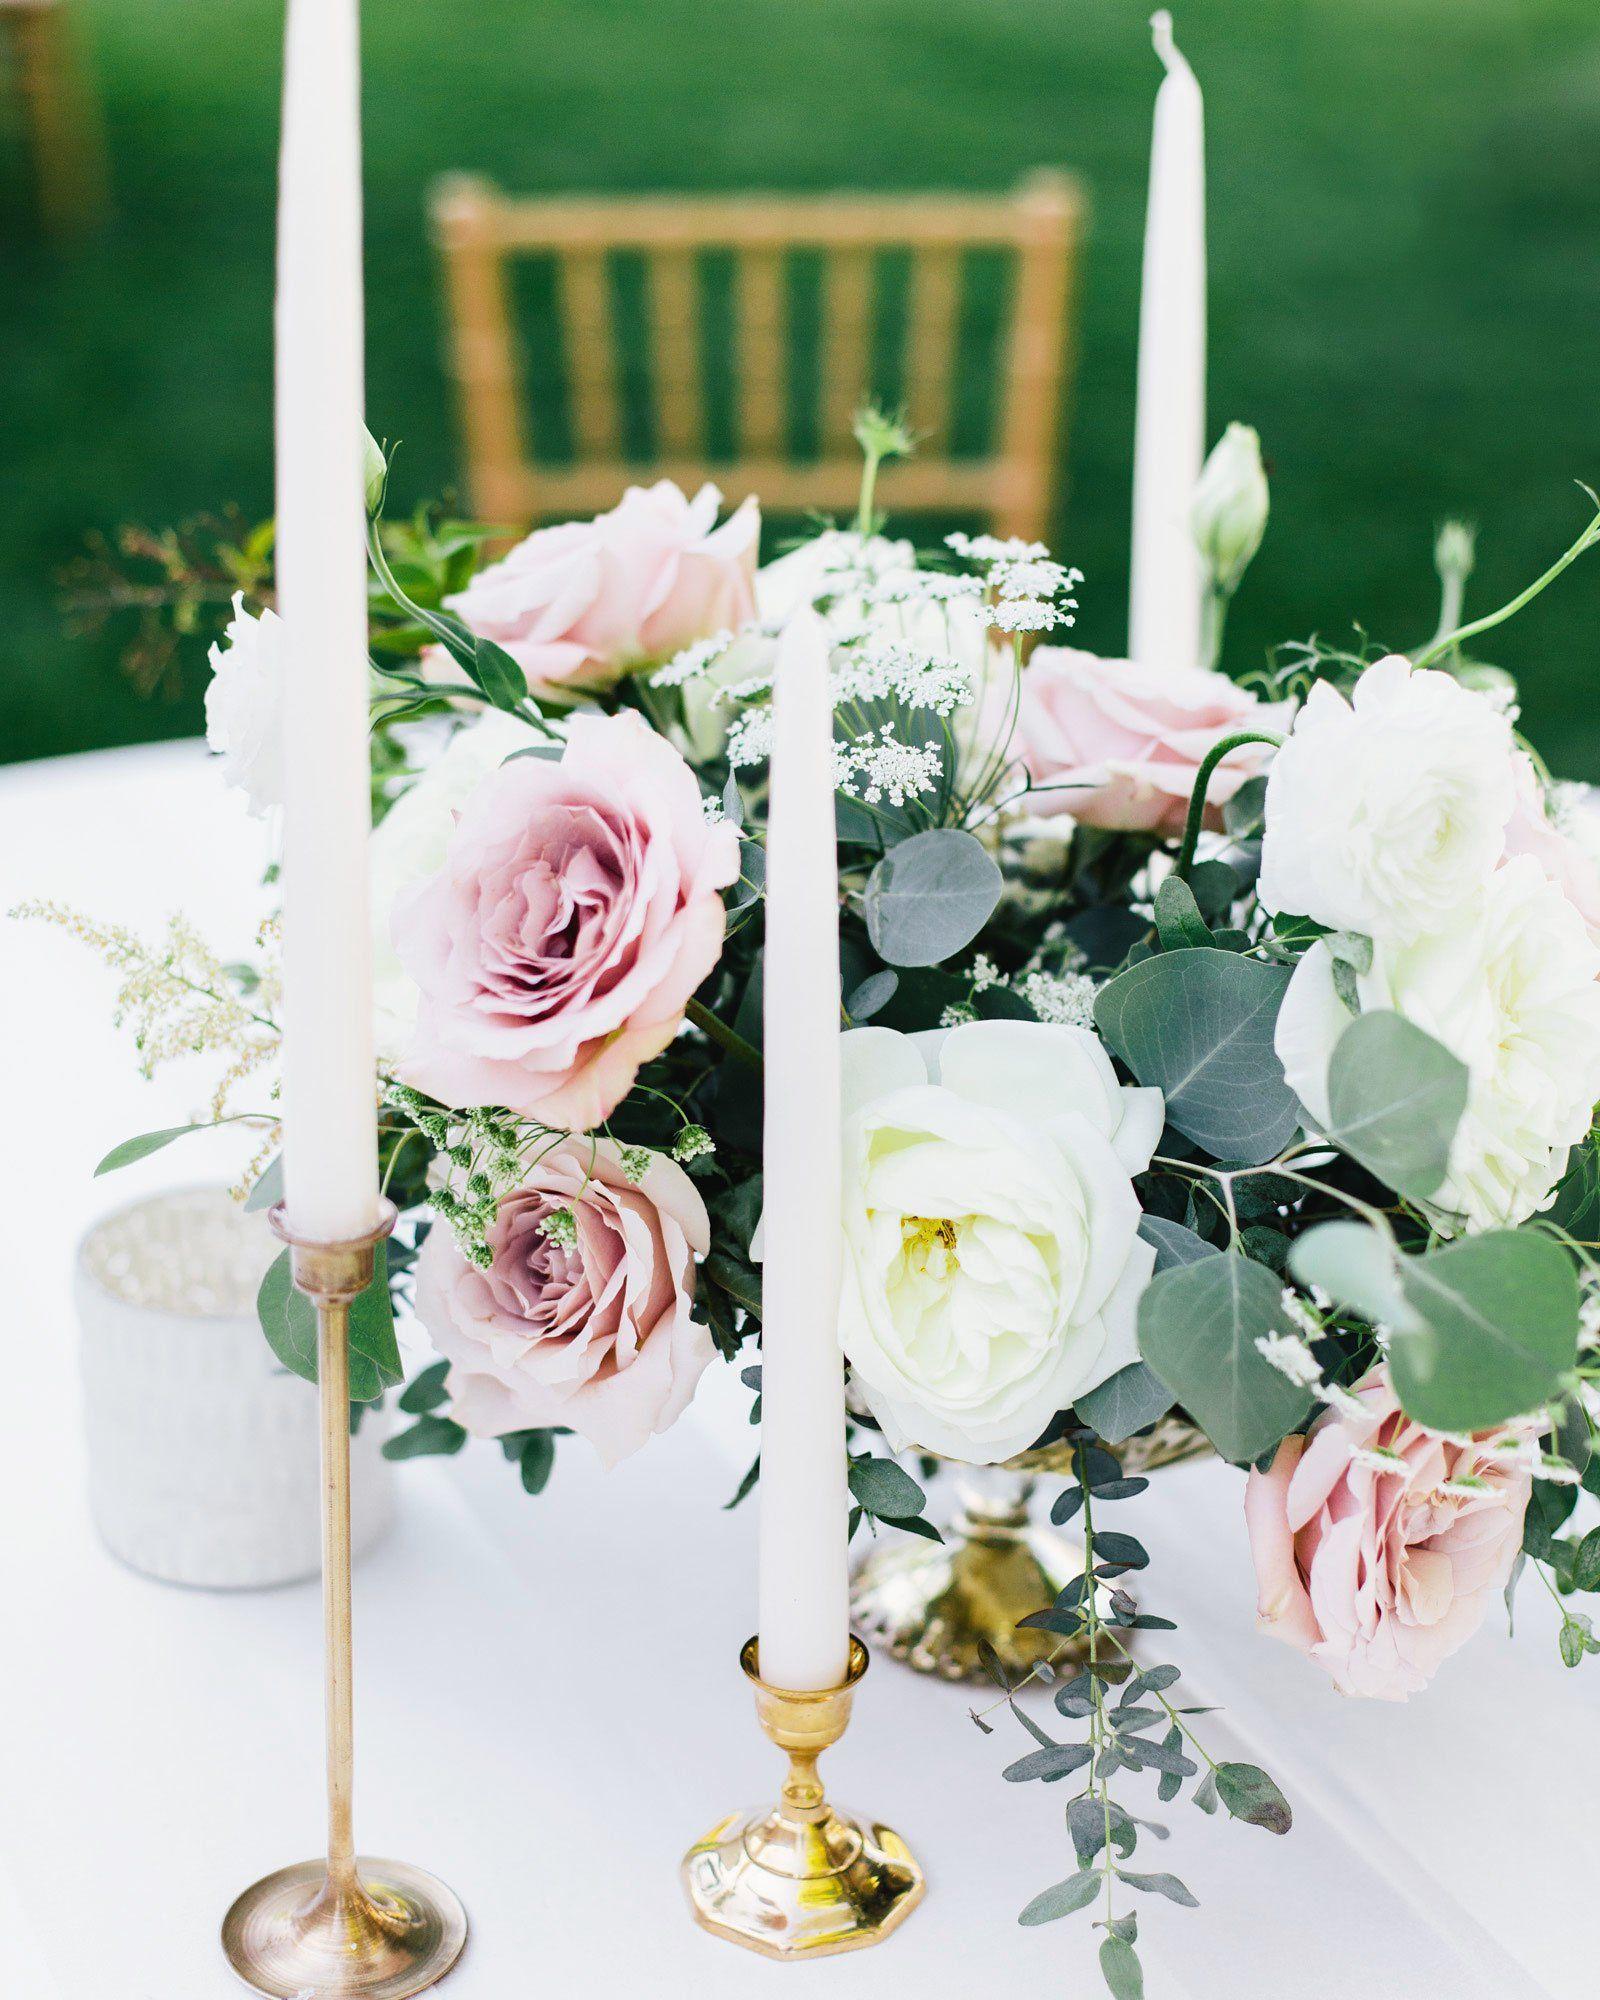 50 Wedding Centerpiece Ideas We Love Round wedding